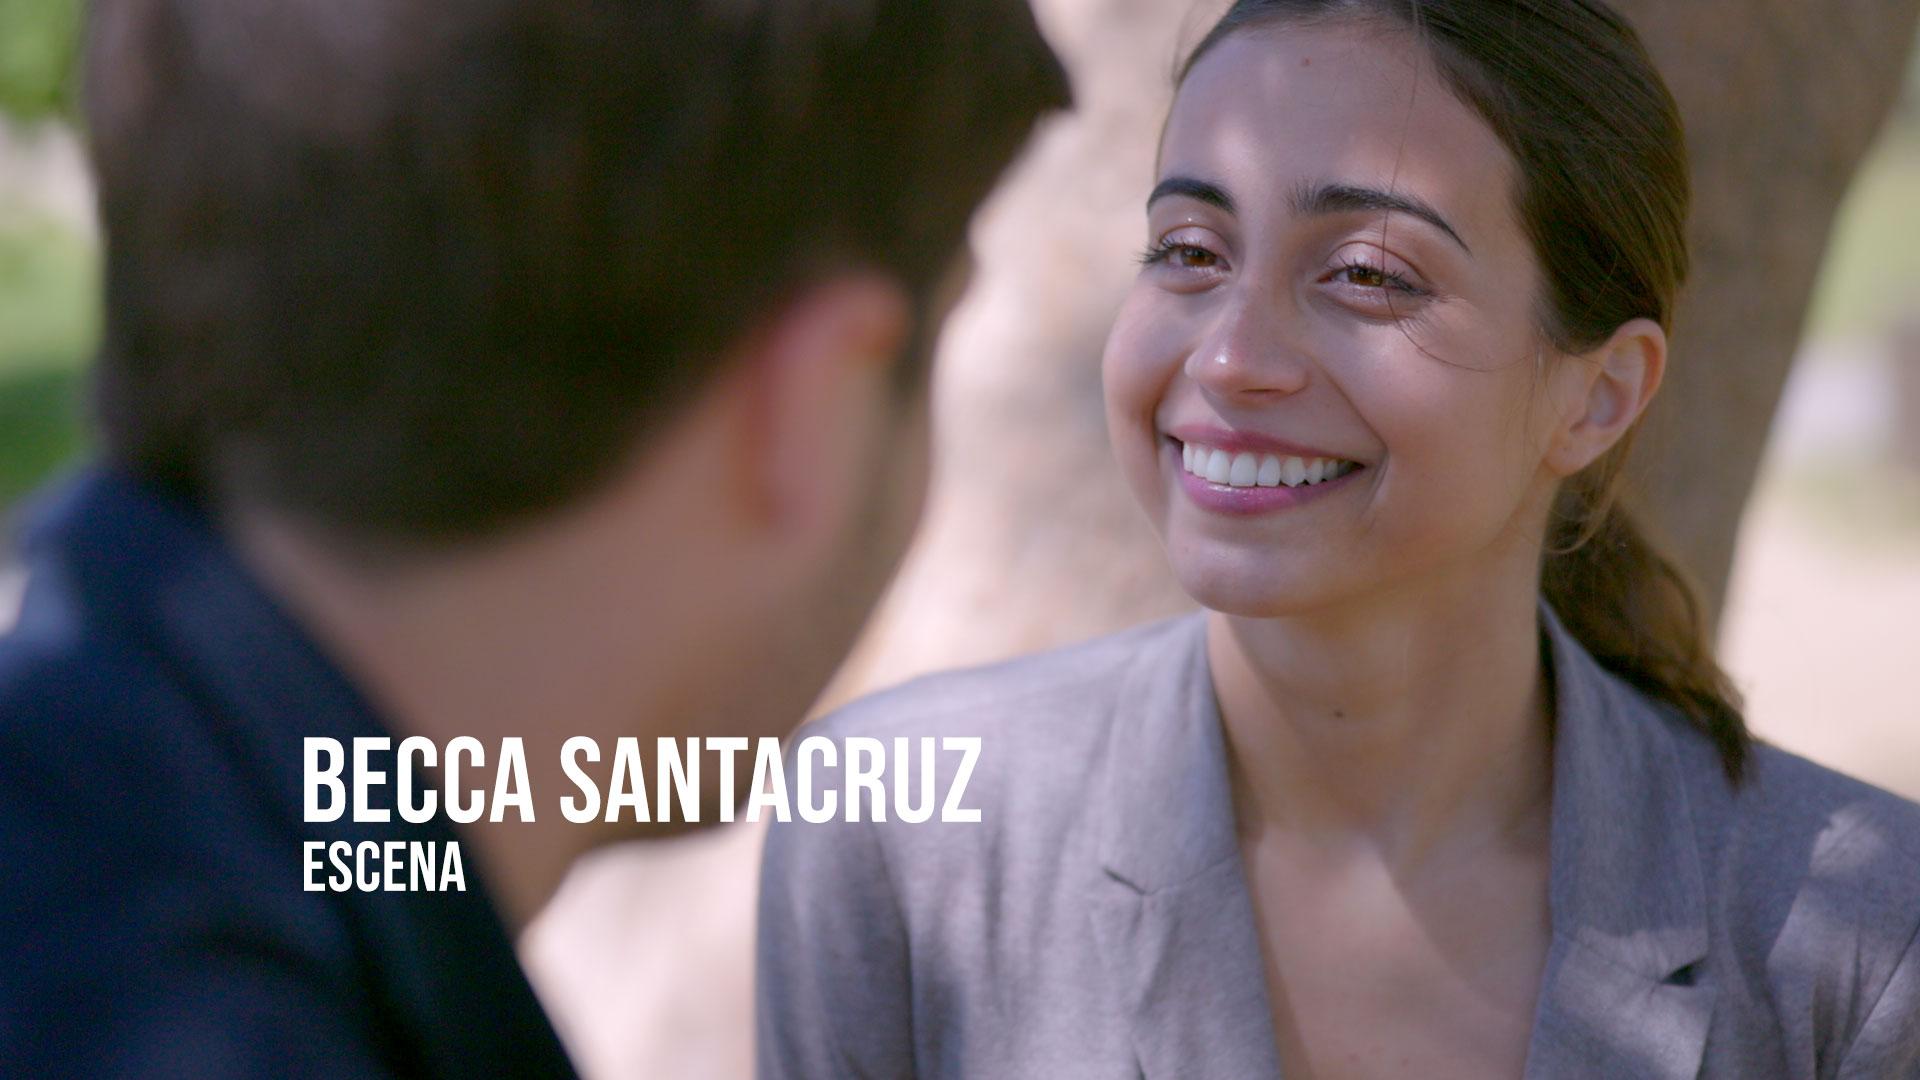 Becca Santacruz - Escena Actriz